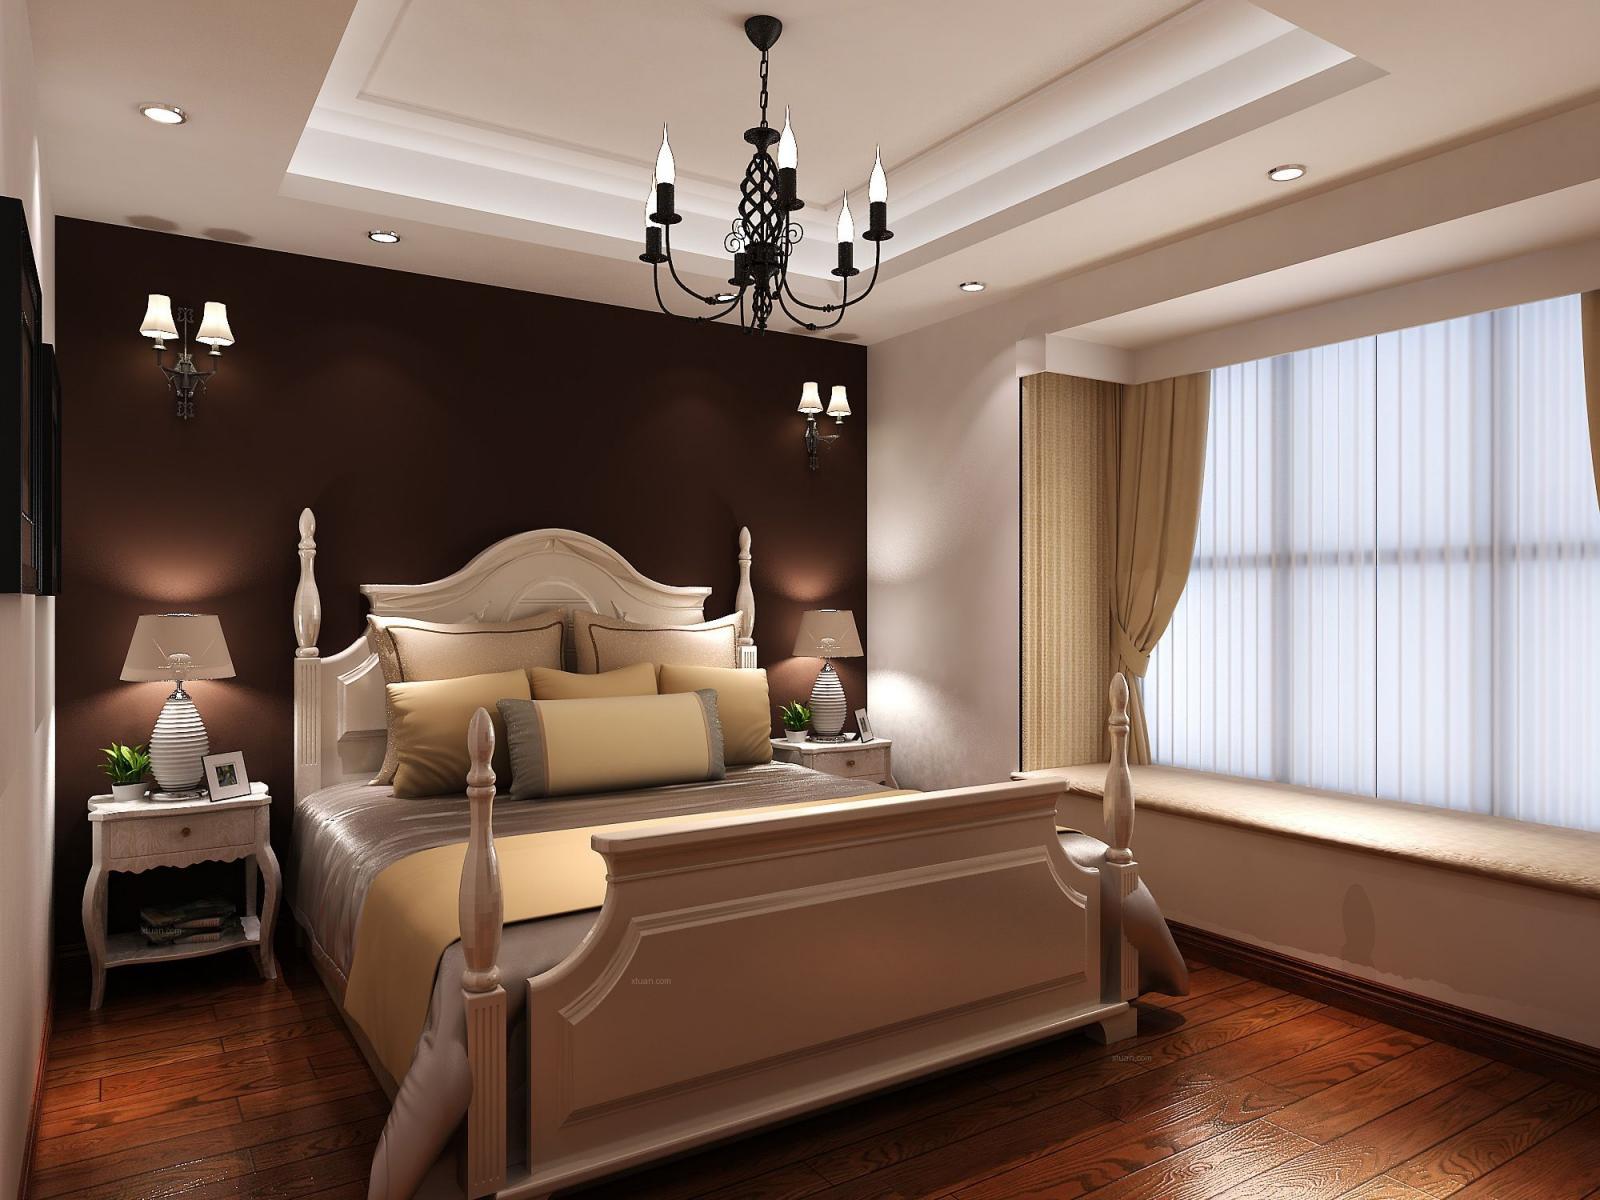 三室两厅北欧风格主卧室